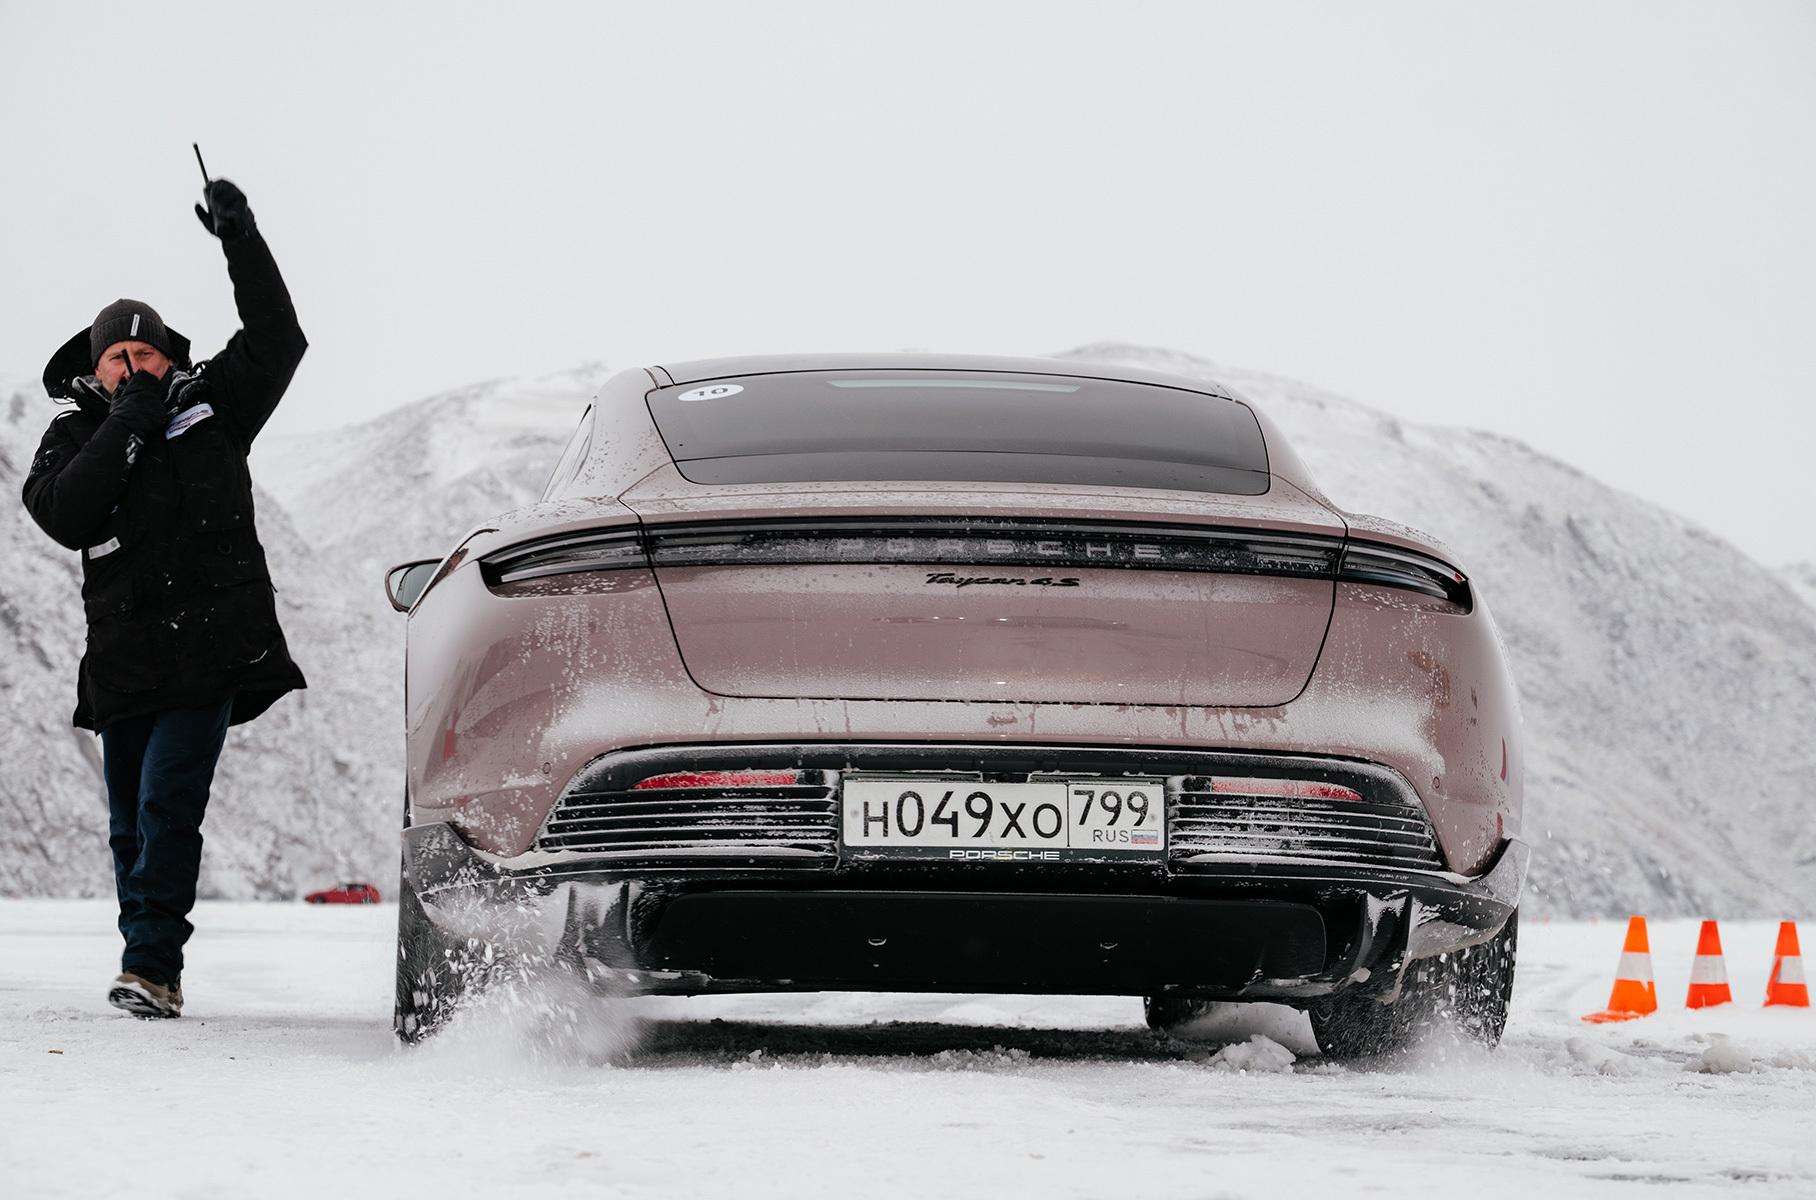 Разрядится или нет? Дрифтим по льду Байкала на Porsche Taycan